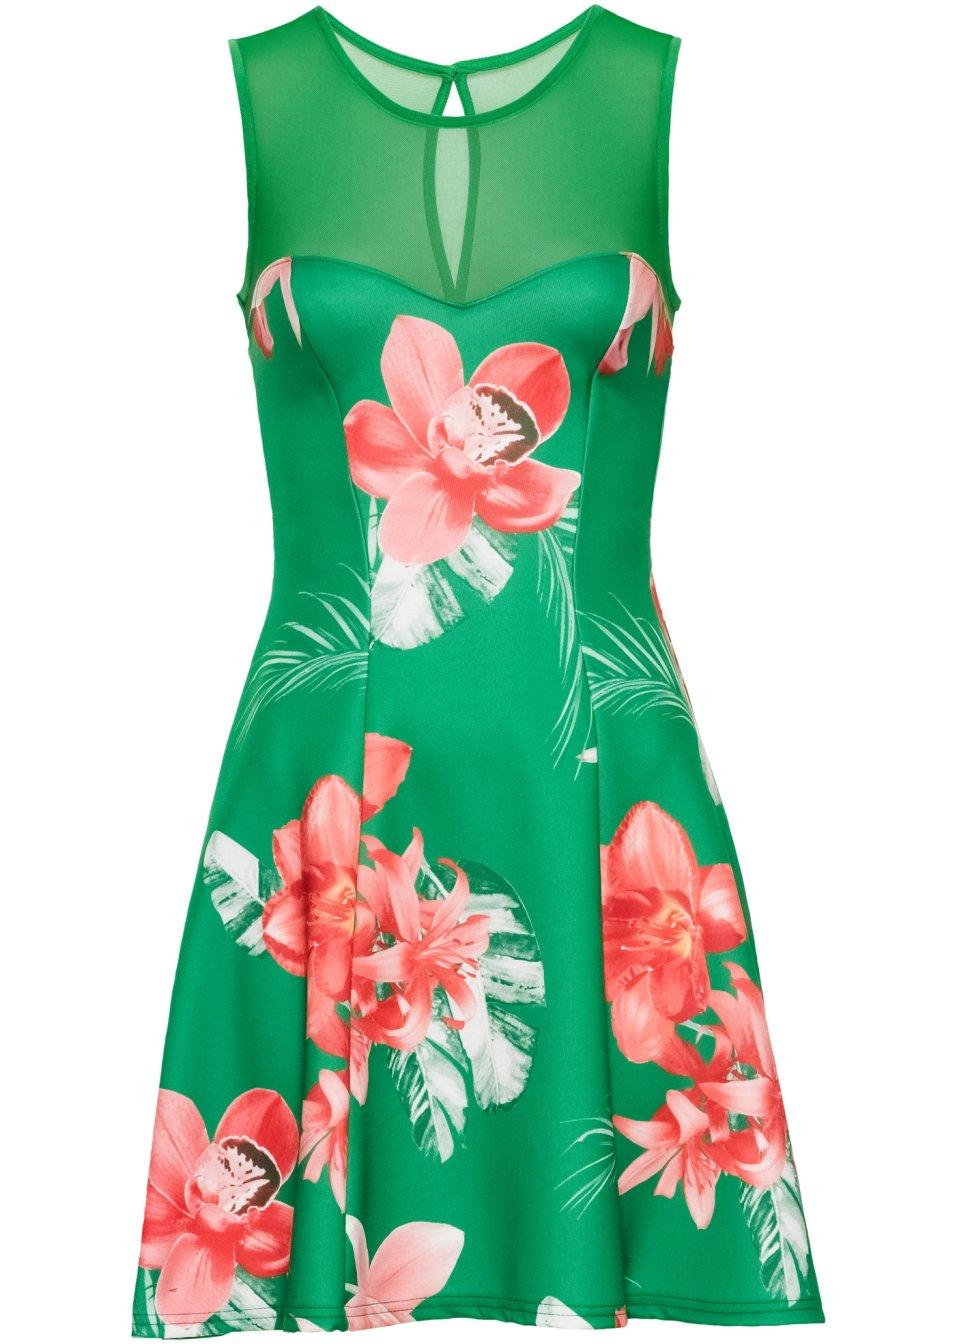 Kleid mit Blumenprint grün/pink - BODYFLIRT boutique ...